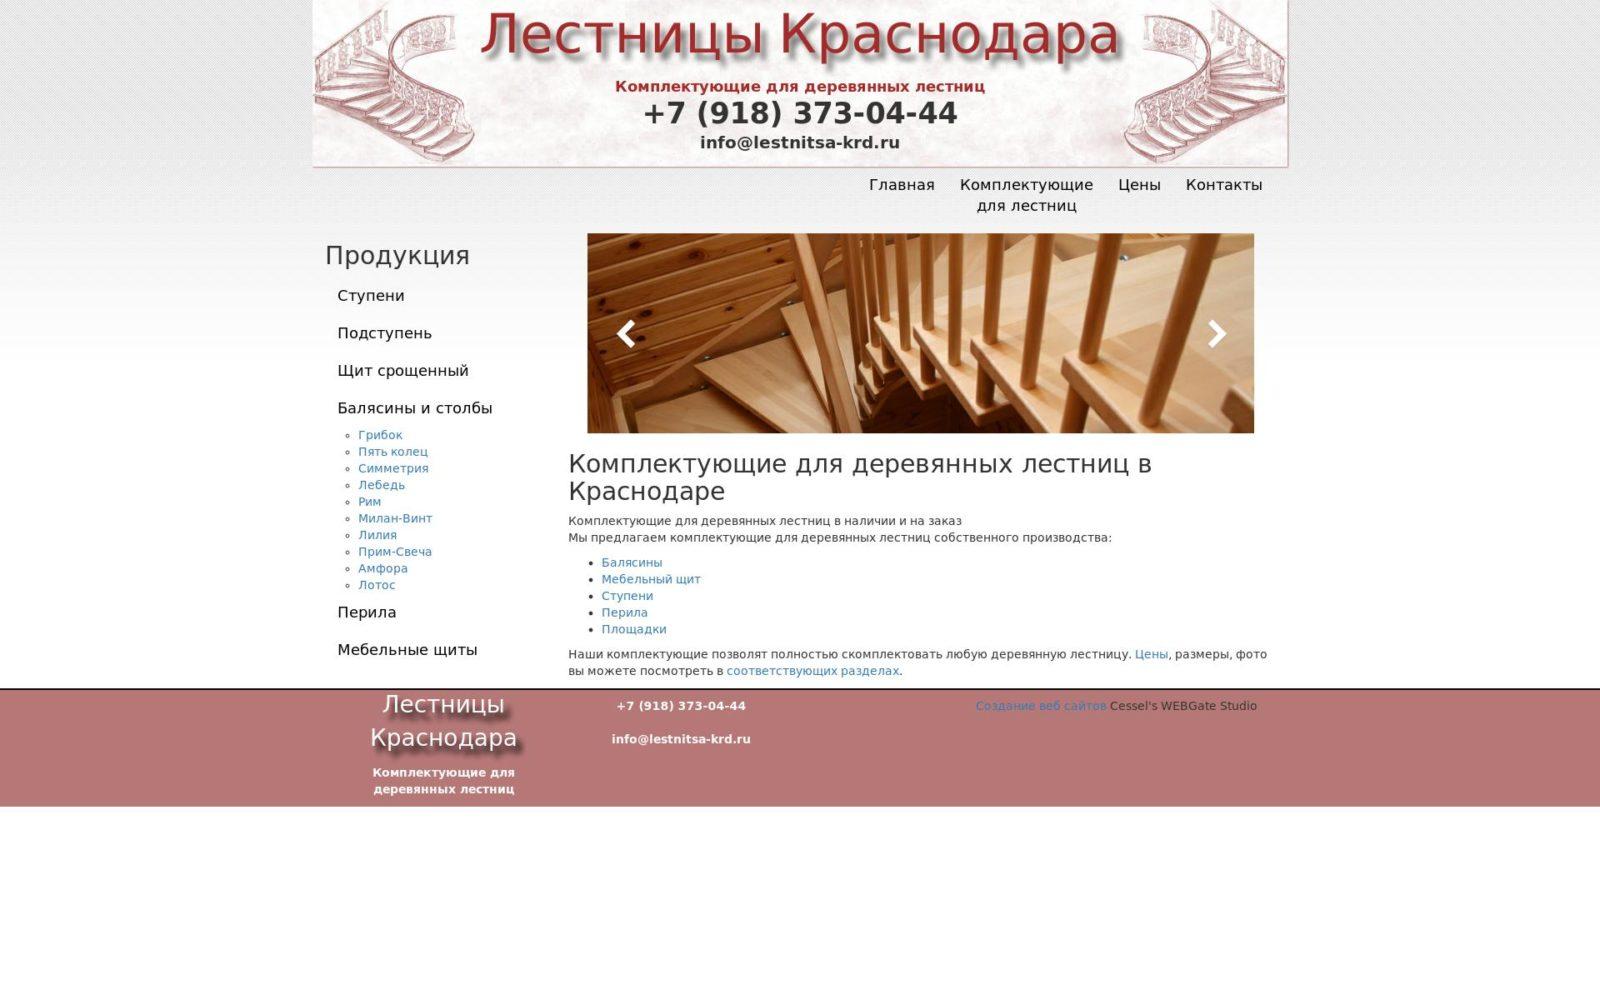 Создание сайта визитки комплектующих для деревянных лестниц